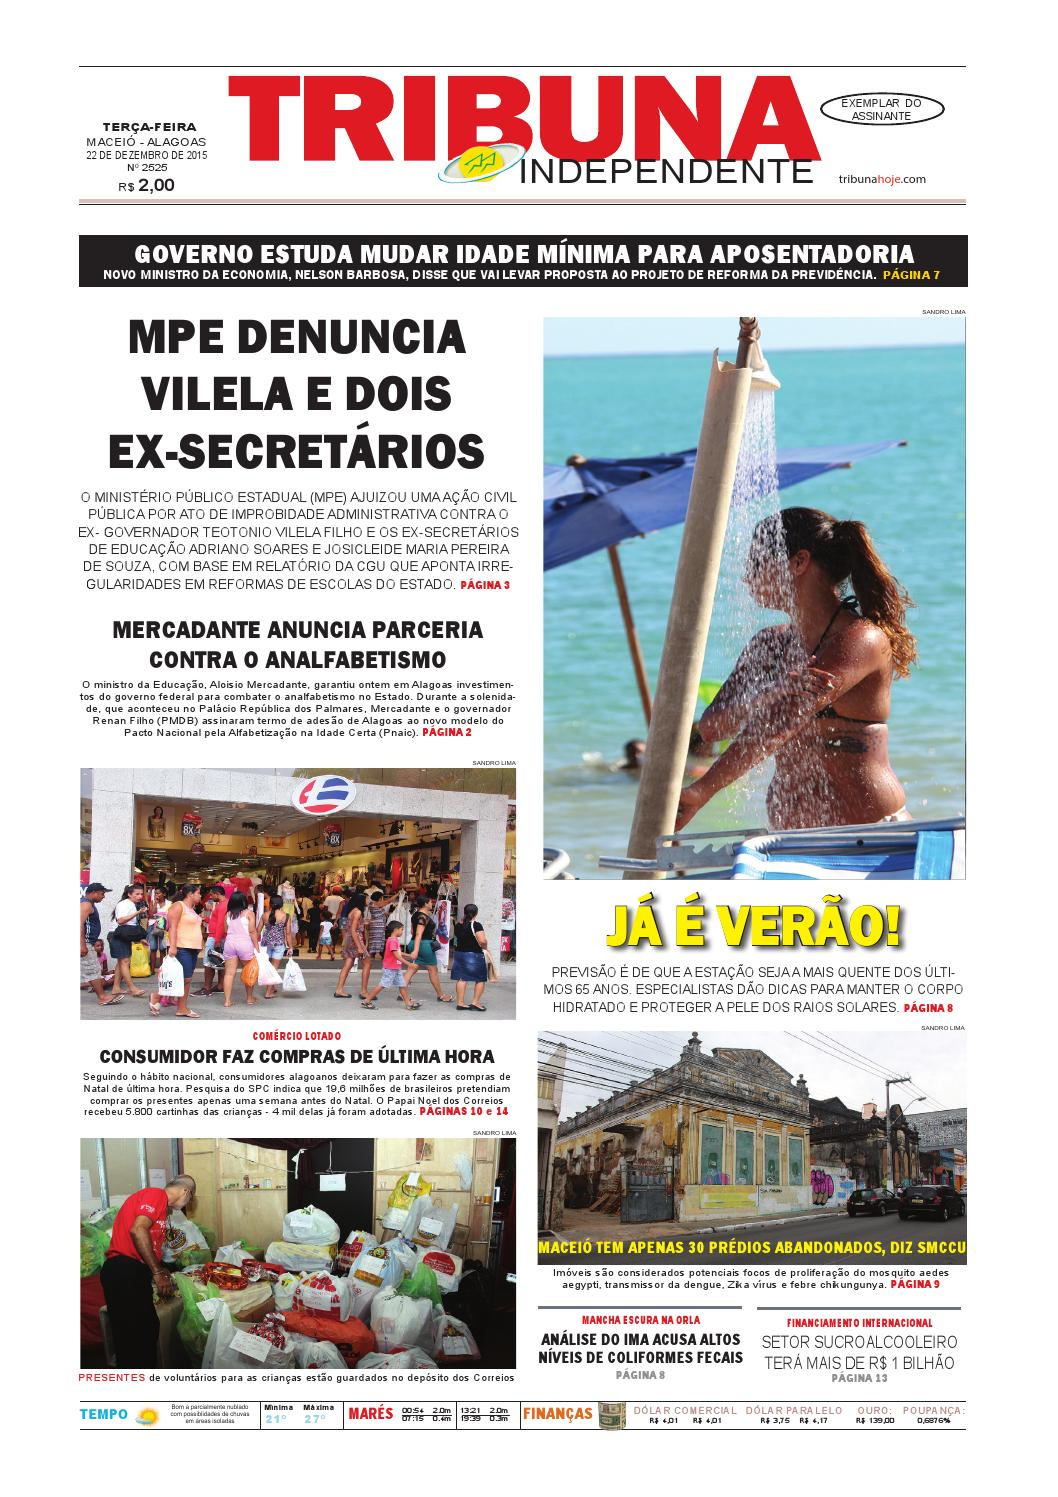 339b1ca3b10 Edição número 2525 - 22 de dezembro de 2015 by Tribuna Hoje - issuu